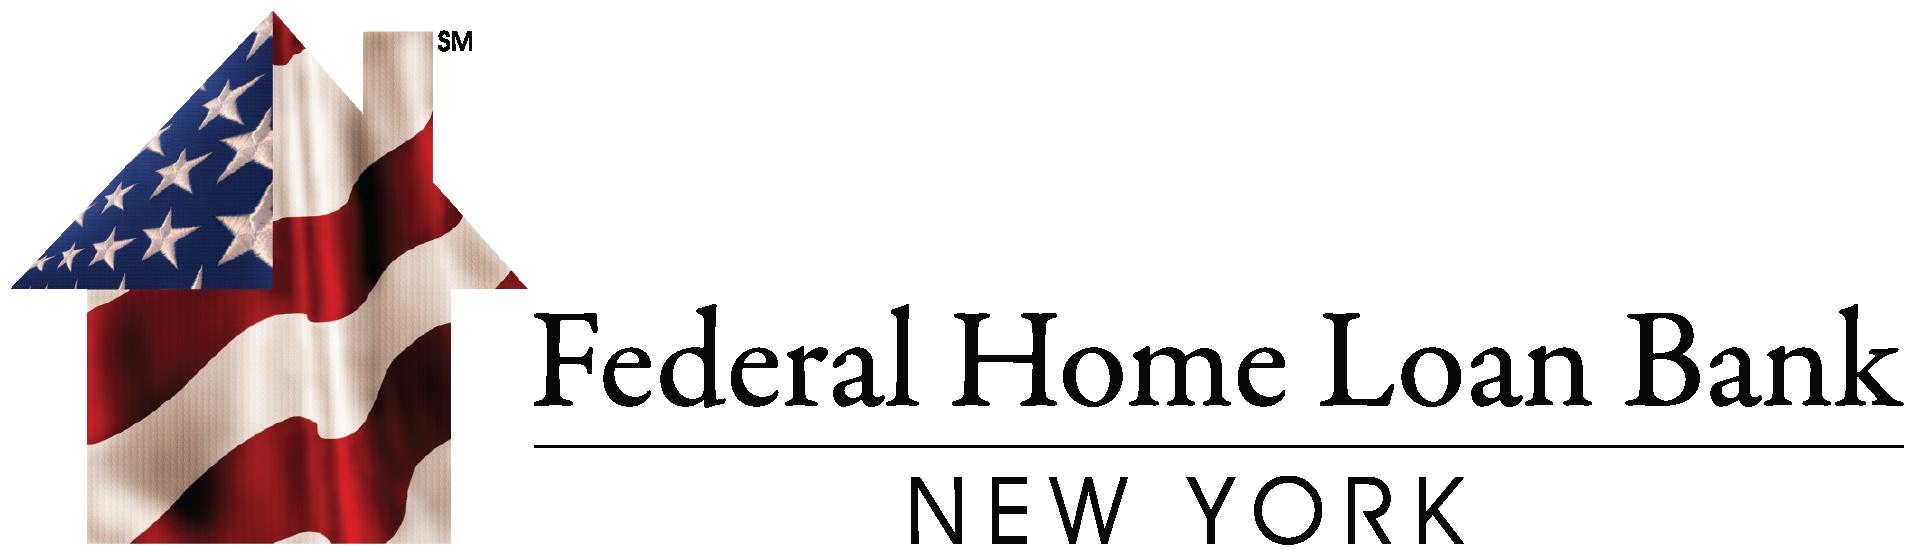 FHLBNY logo